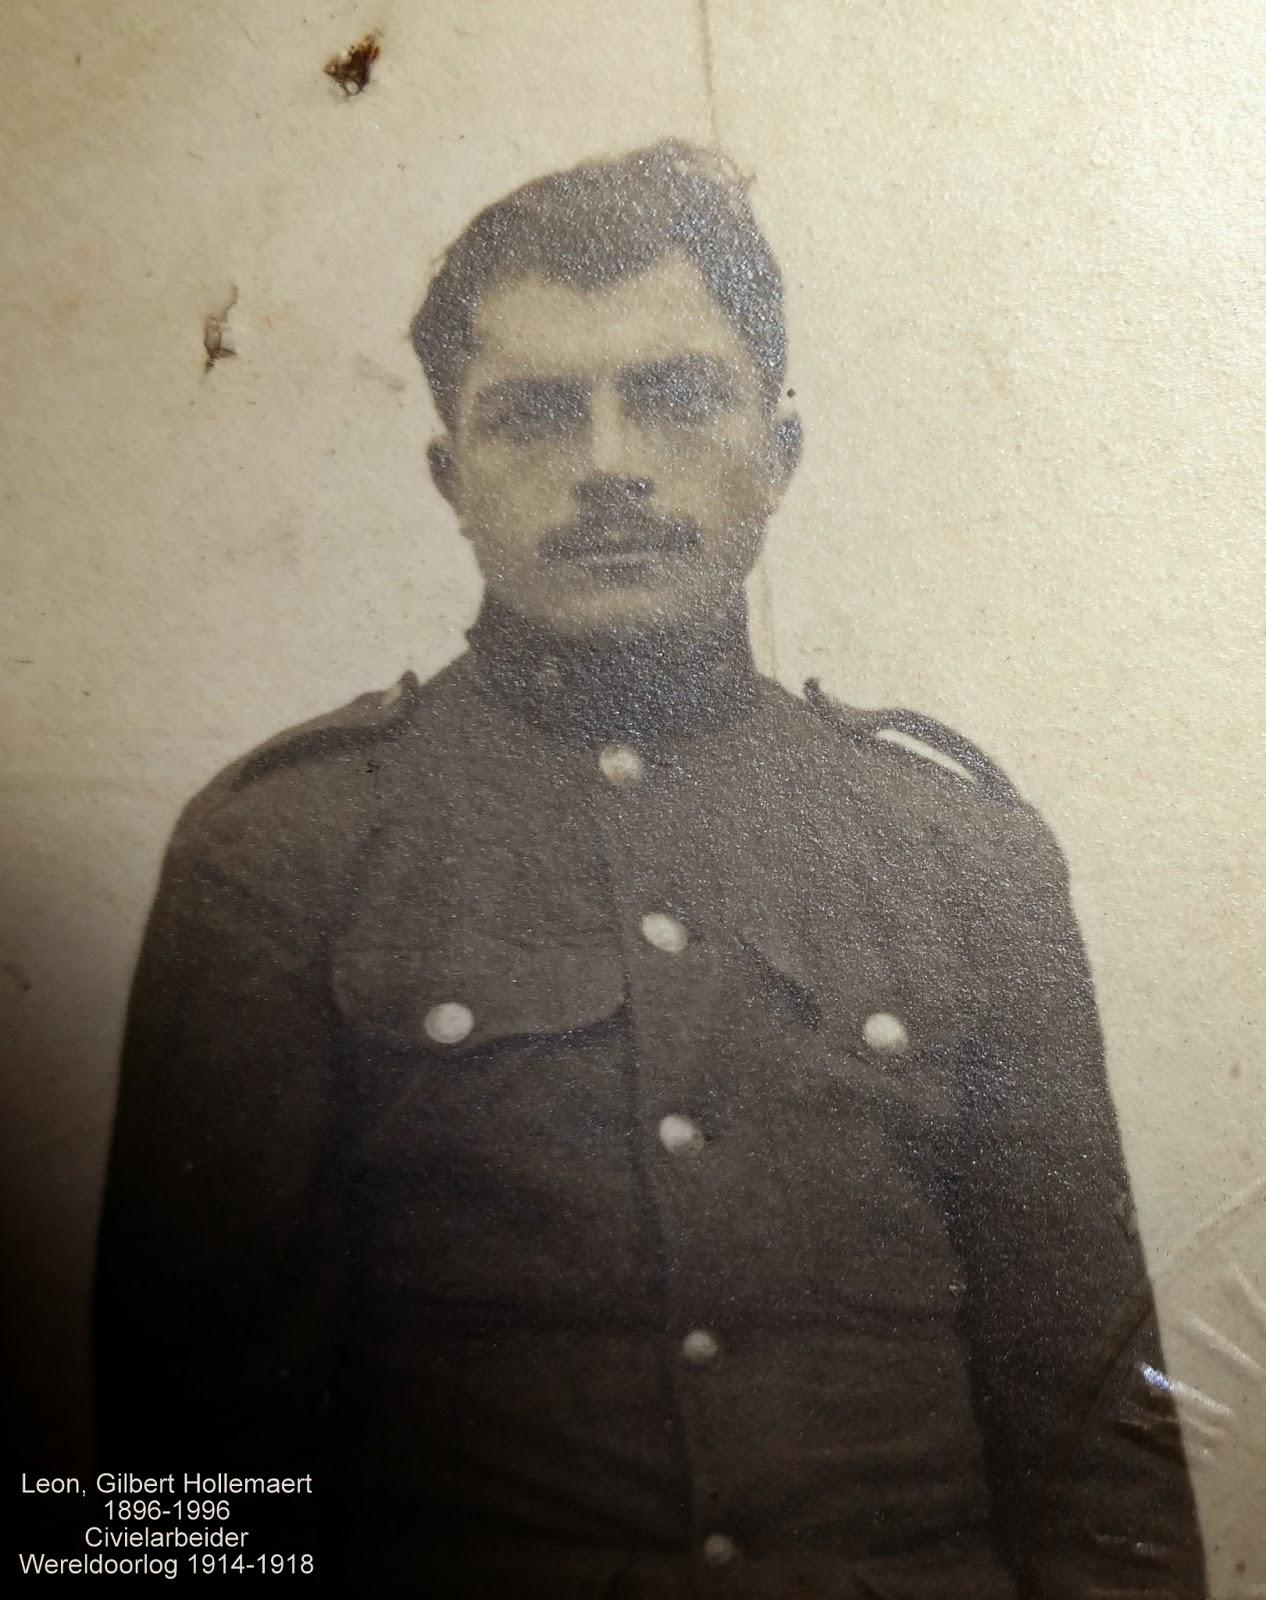 Leon Hollemaert 1896-1996 als soldaat. Legerarchief van Evere. Verzameling Leondyme.